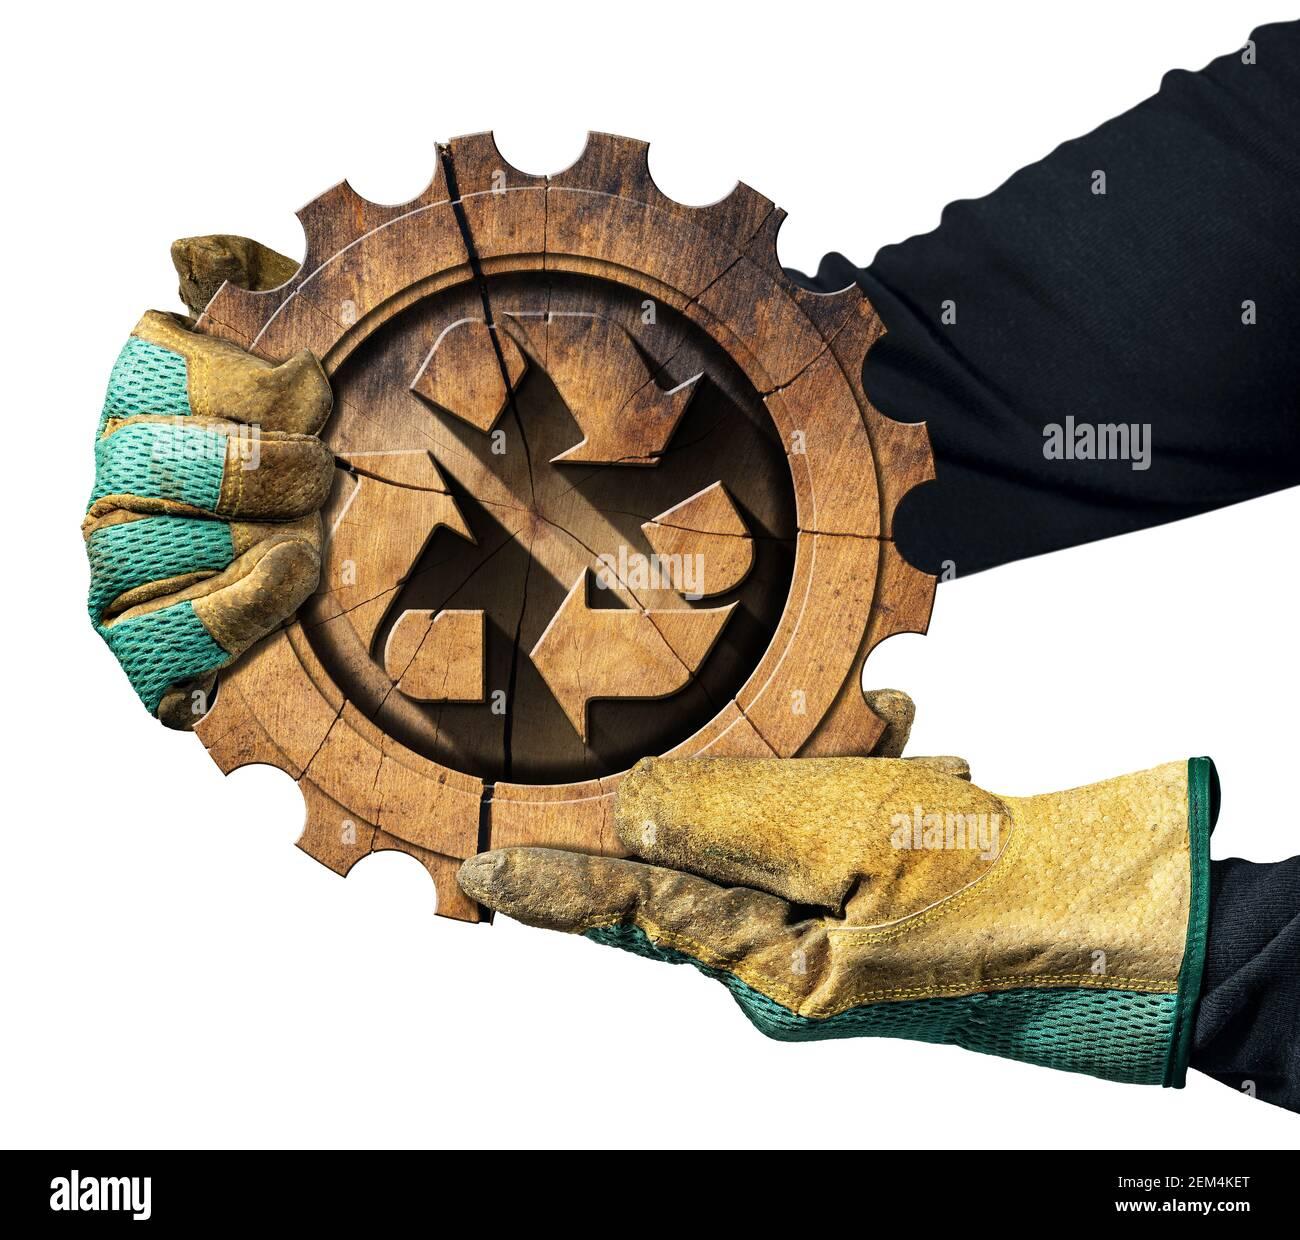 Manos enguantadas mostrando un símbolo de reciclaje hecho de madera dentro de una rueda dentada. Concepto de Recursos sostenibles. Aislado sobre fondo blanco. Foto de stock